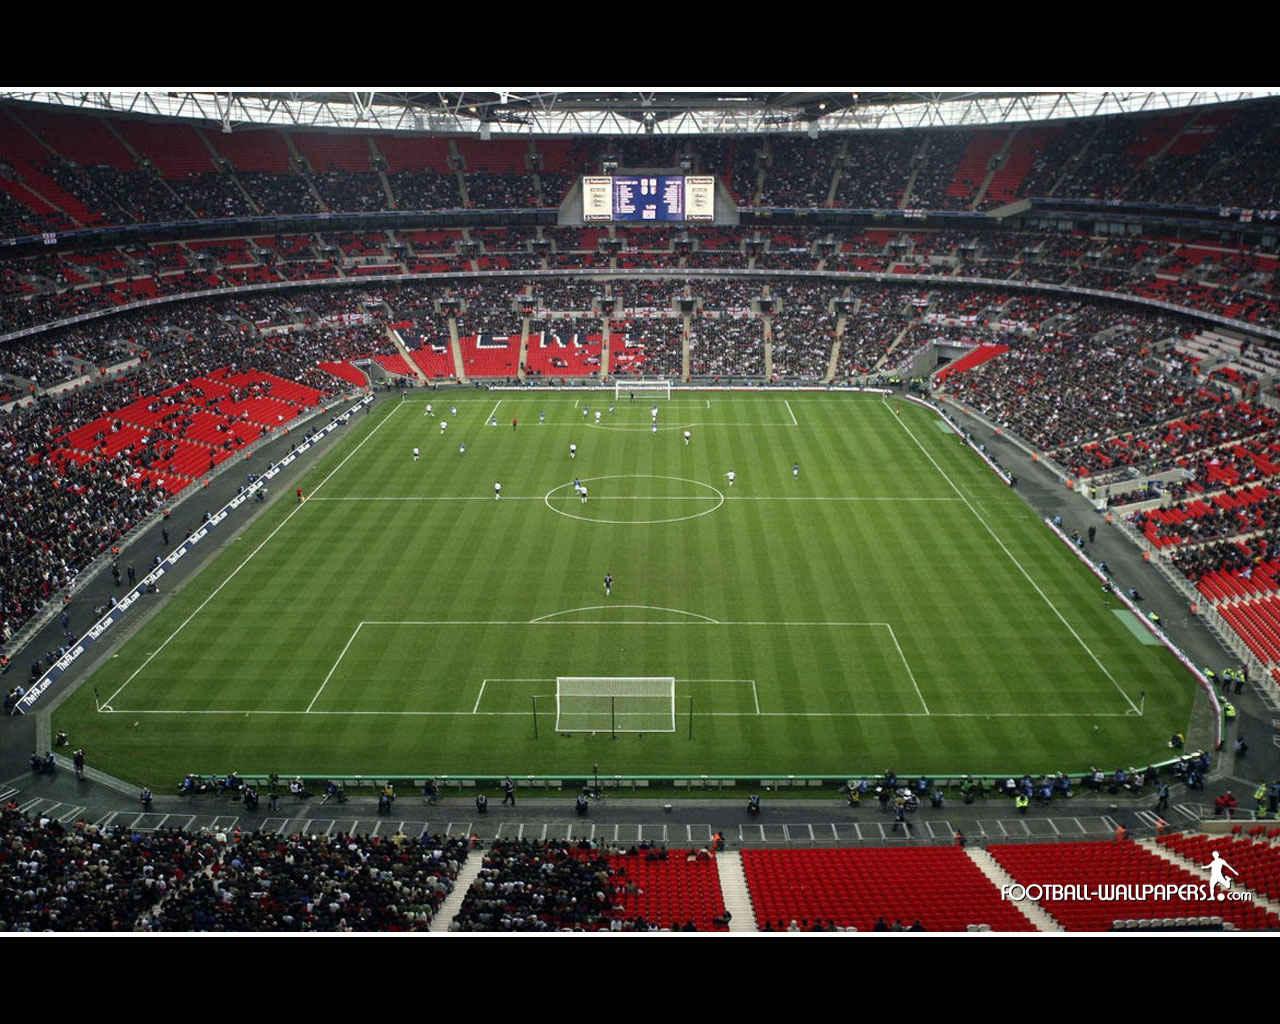 تصاویرورزشگاه ومبلی Wembley